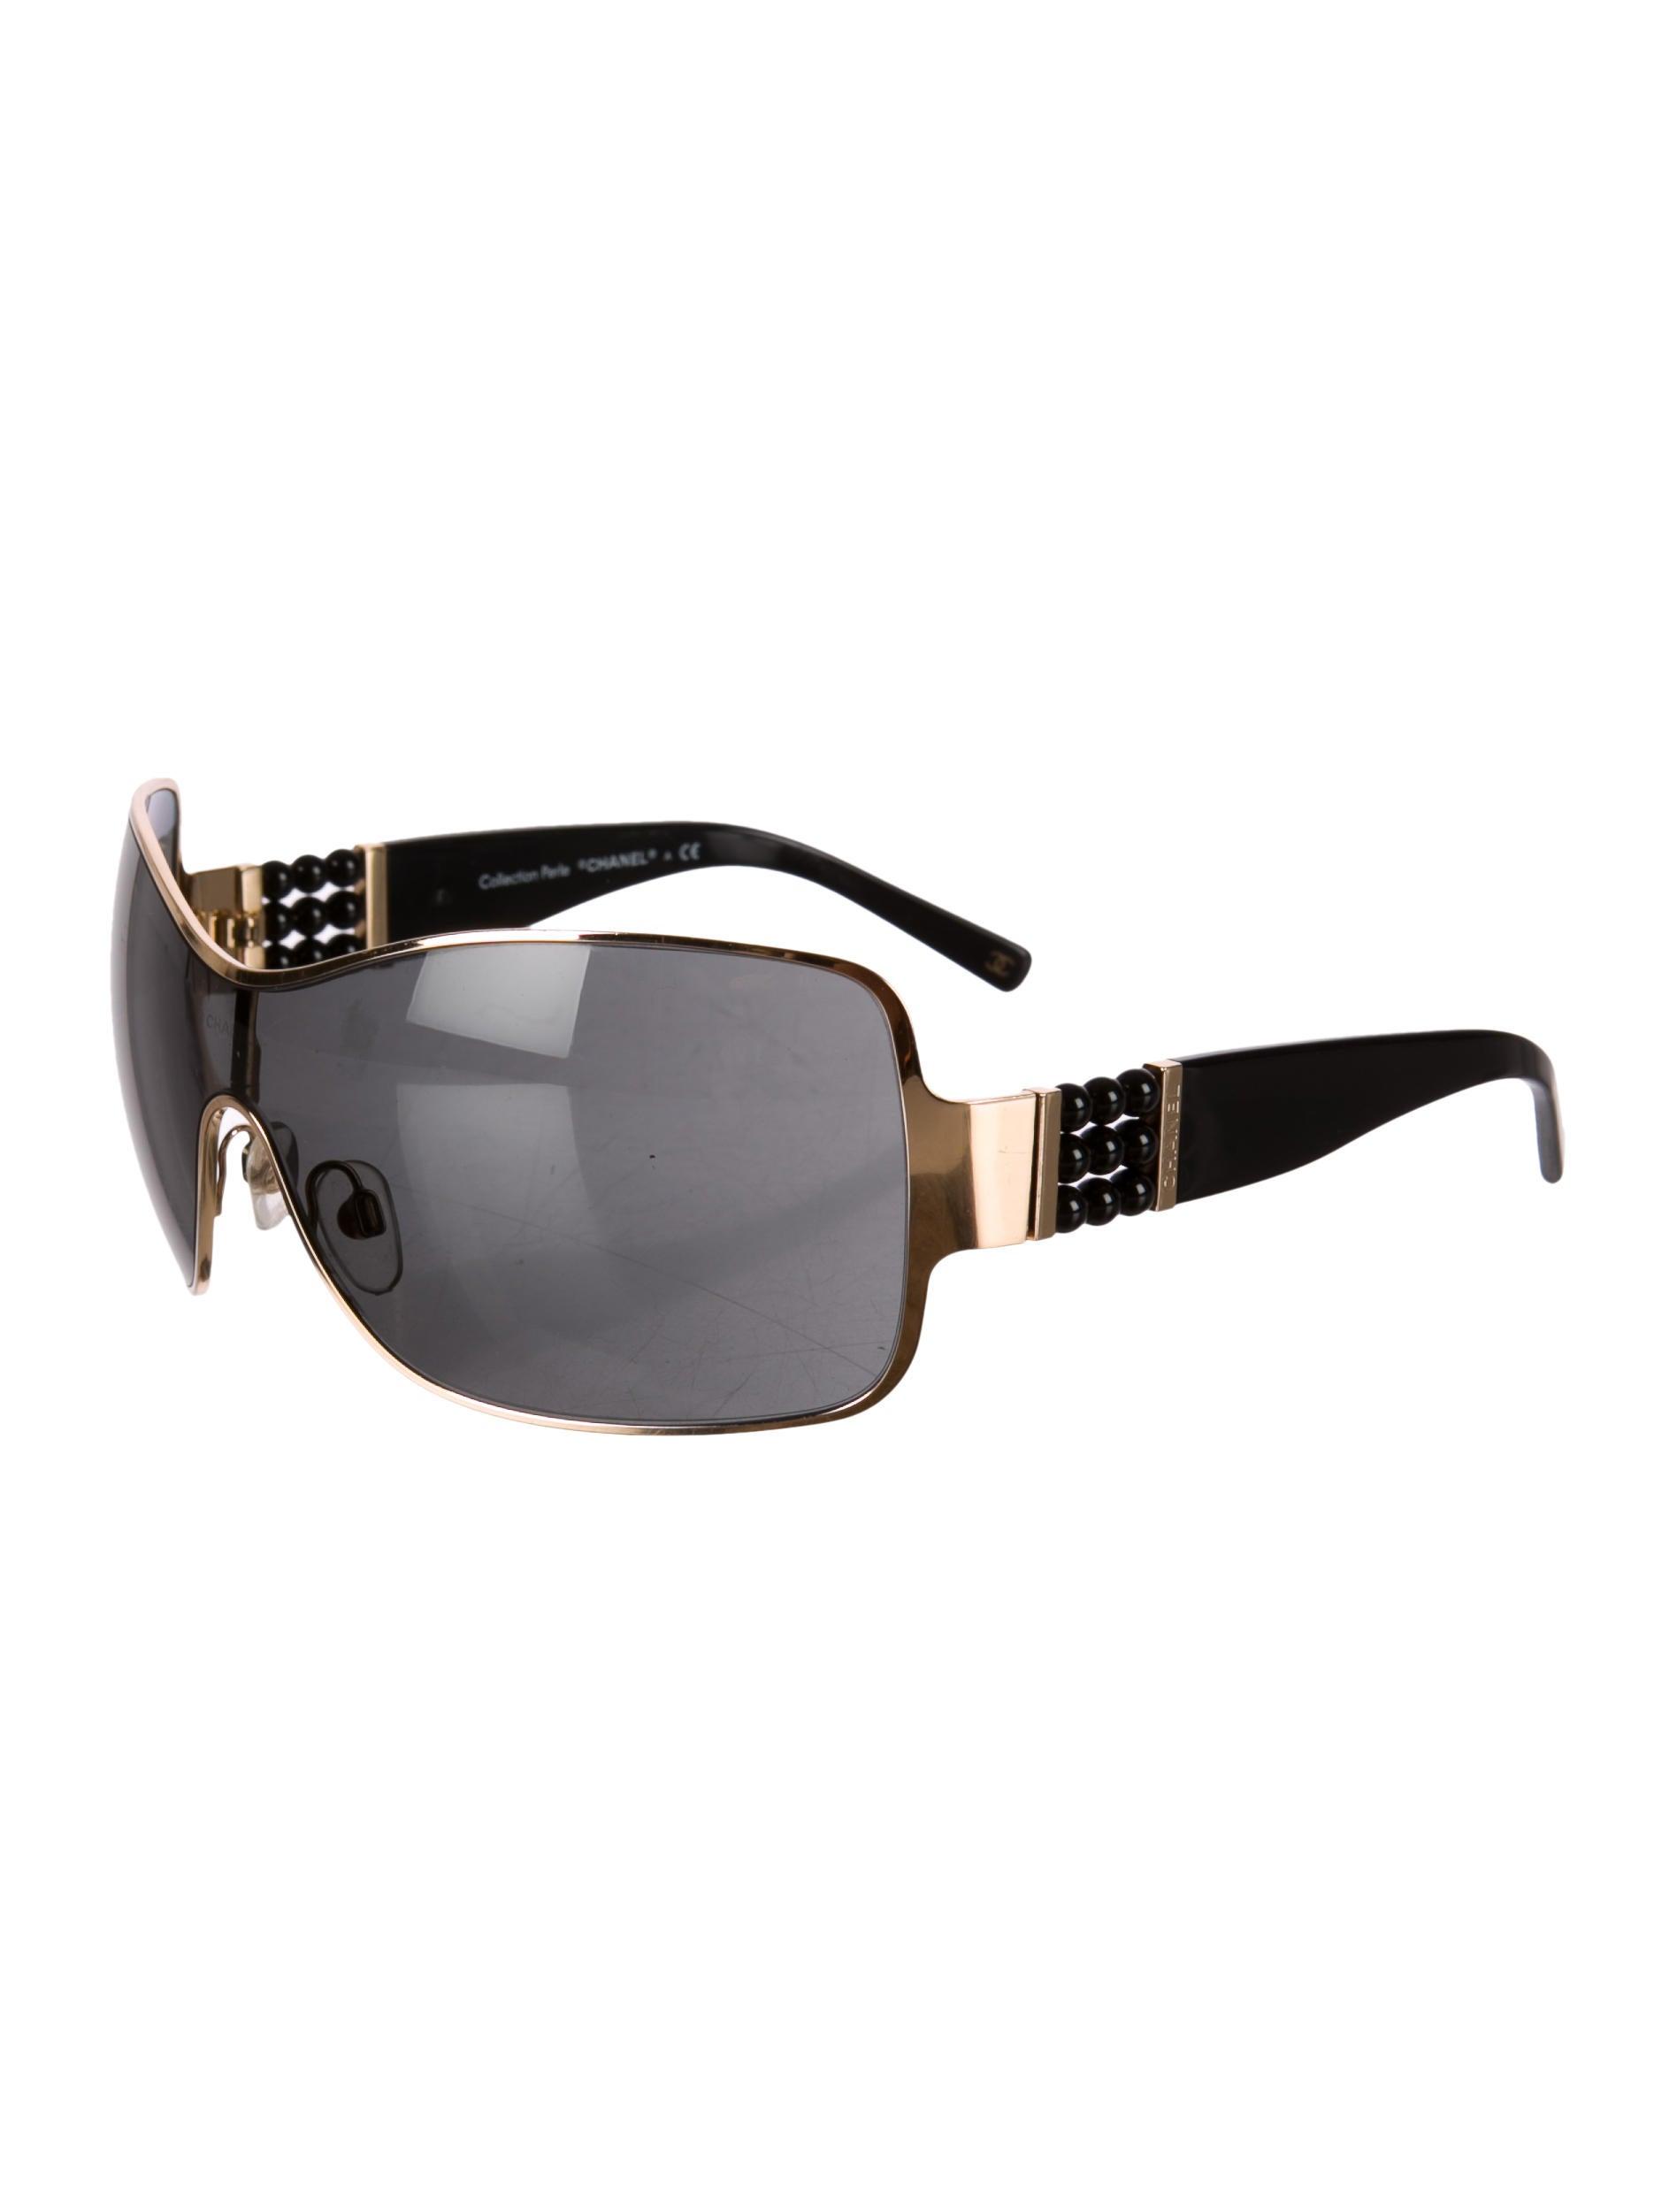 63a4e60264 Pearl Sunglasses Collection